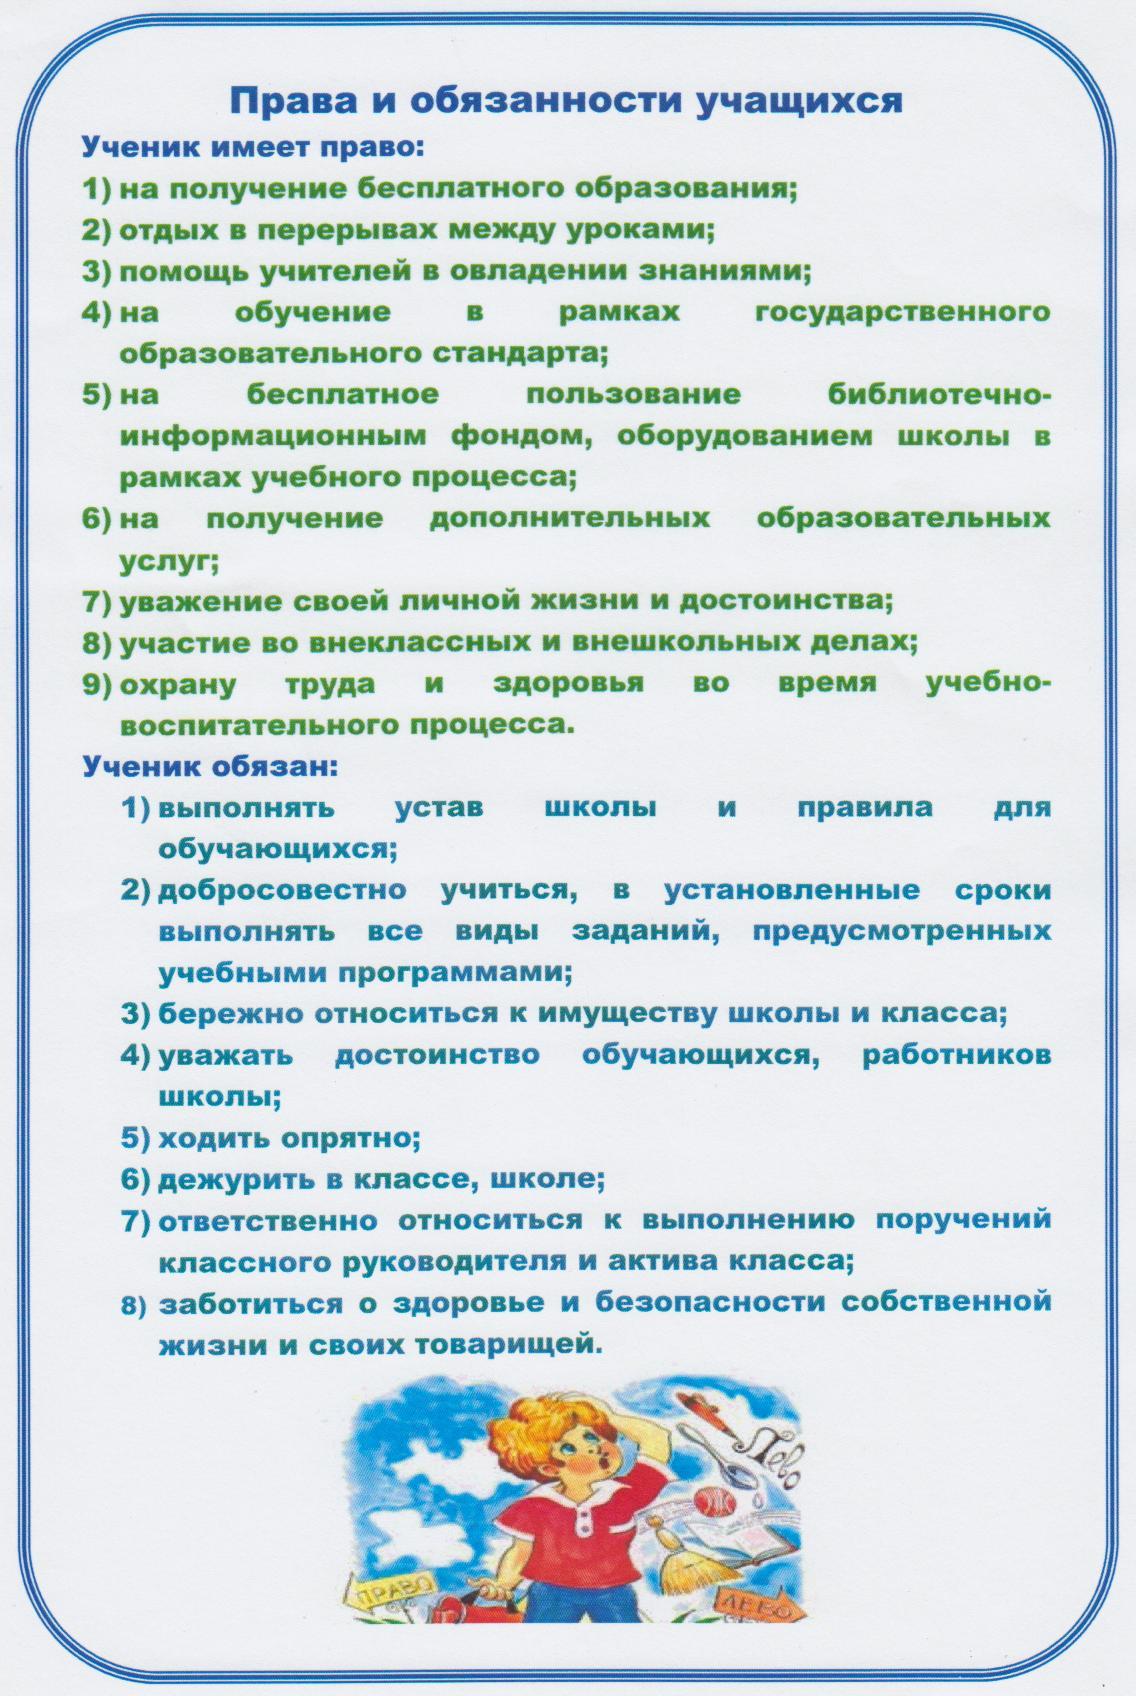 http://school54ulanude.ucoz.ru/upolnomochenny/prava_i_objazannosti_uchashhikhsja.jpg